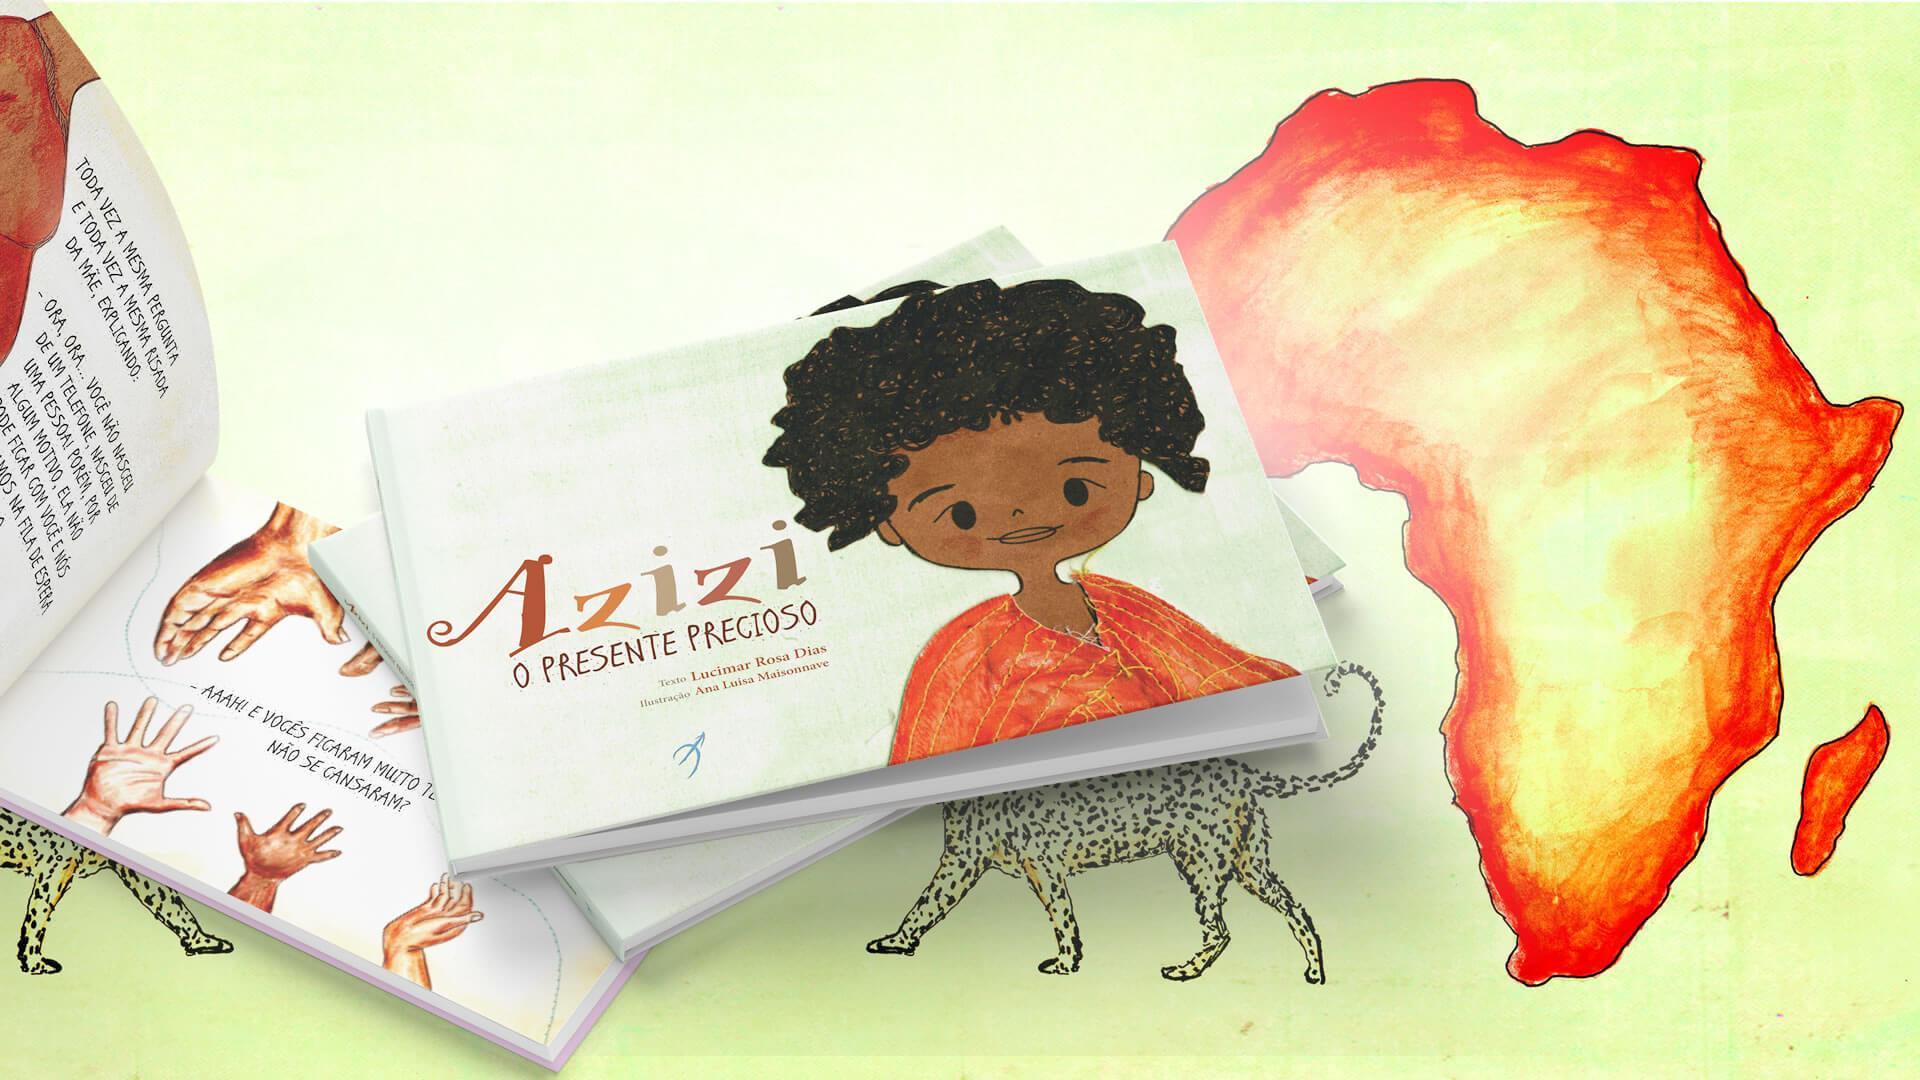 No Mês da África, o pequeno Azizi foi destaque infantil nas redes sociais